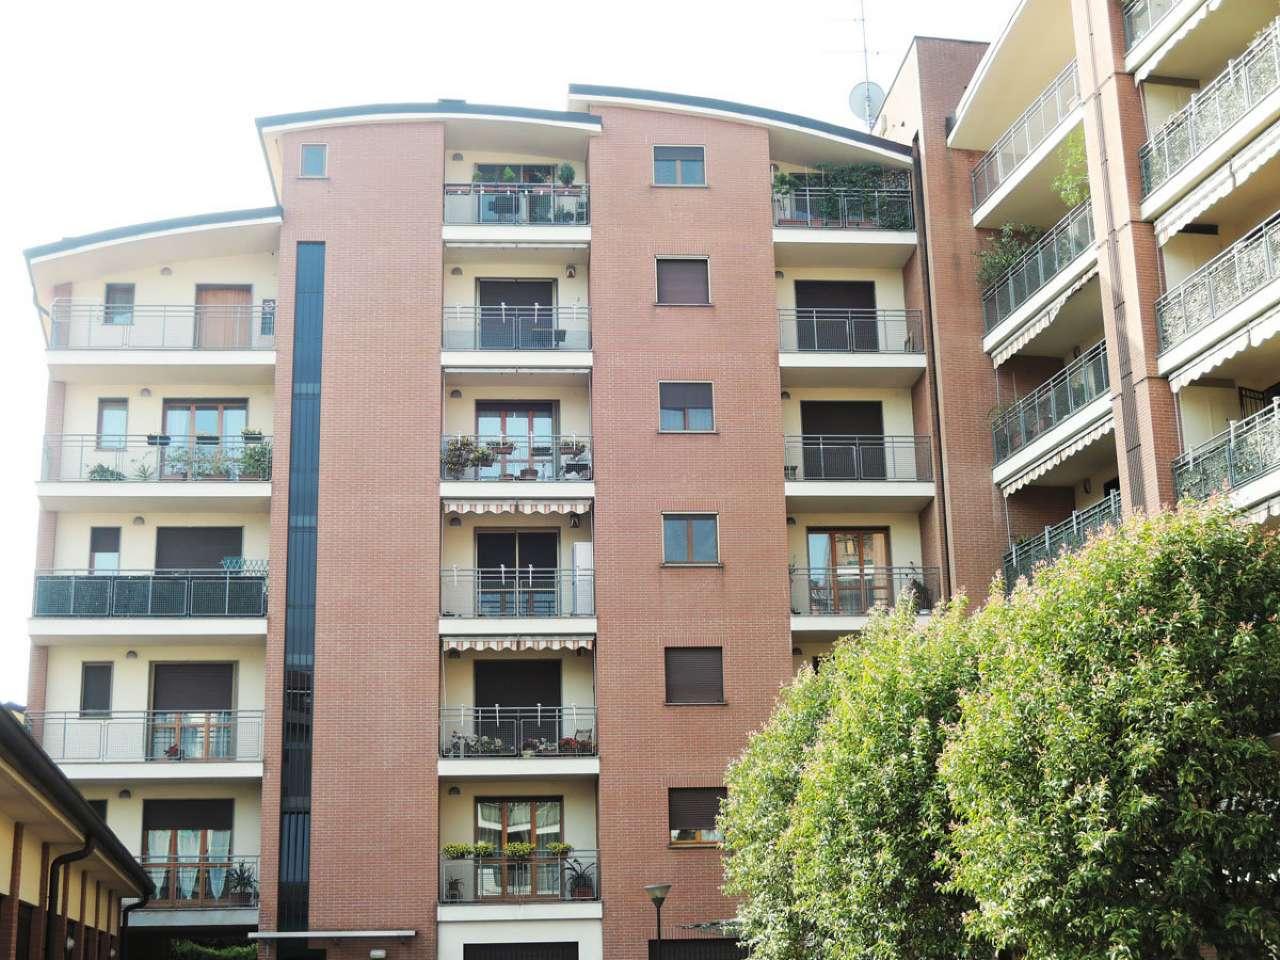 Appartamento in vendita a Milano, 1 locali, zona Zona: 14 . Lotto, Novara, San Siro, QT8 , Montestella, Rembrandt, prezzo € 125.000 | Cambio Casa.it